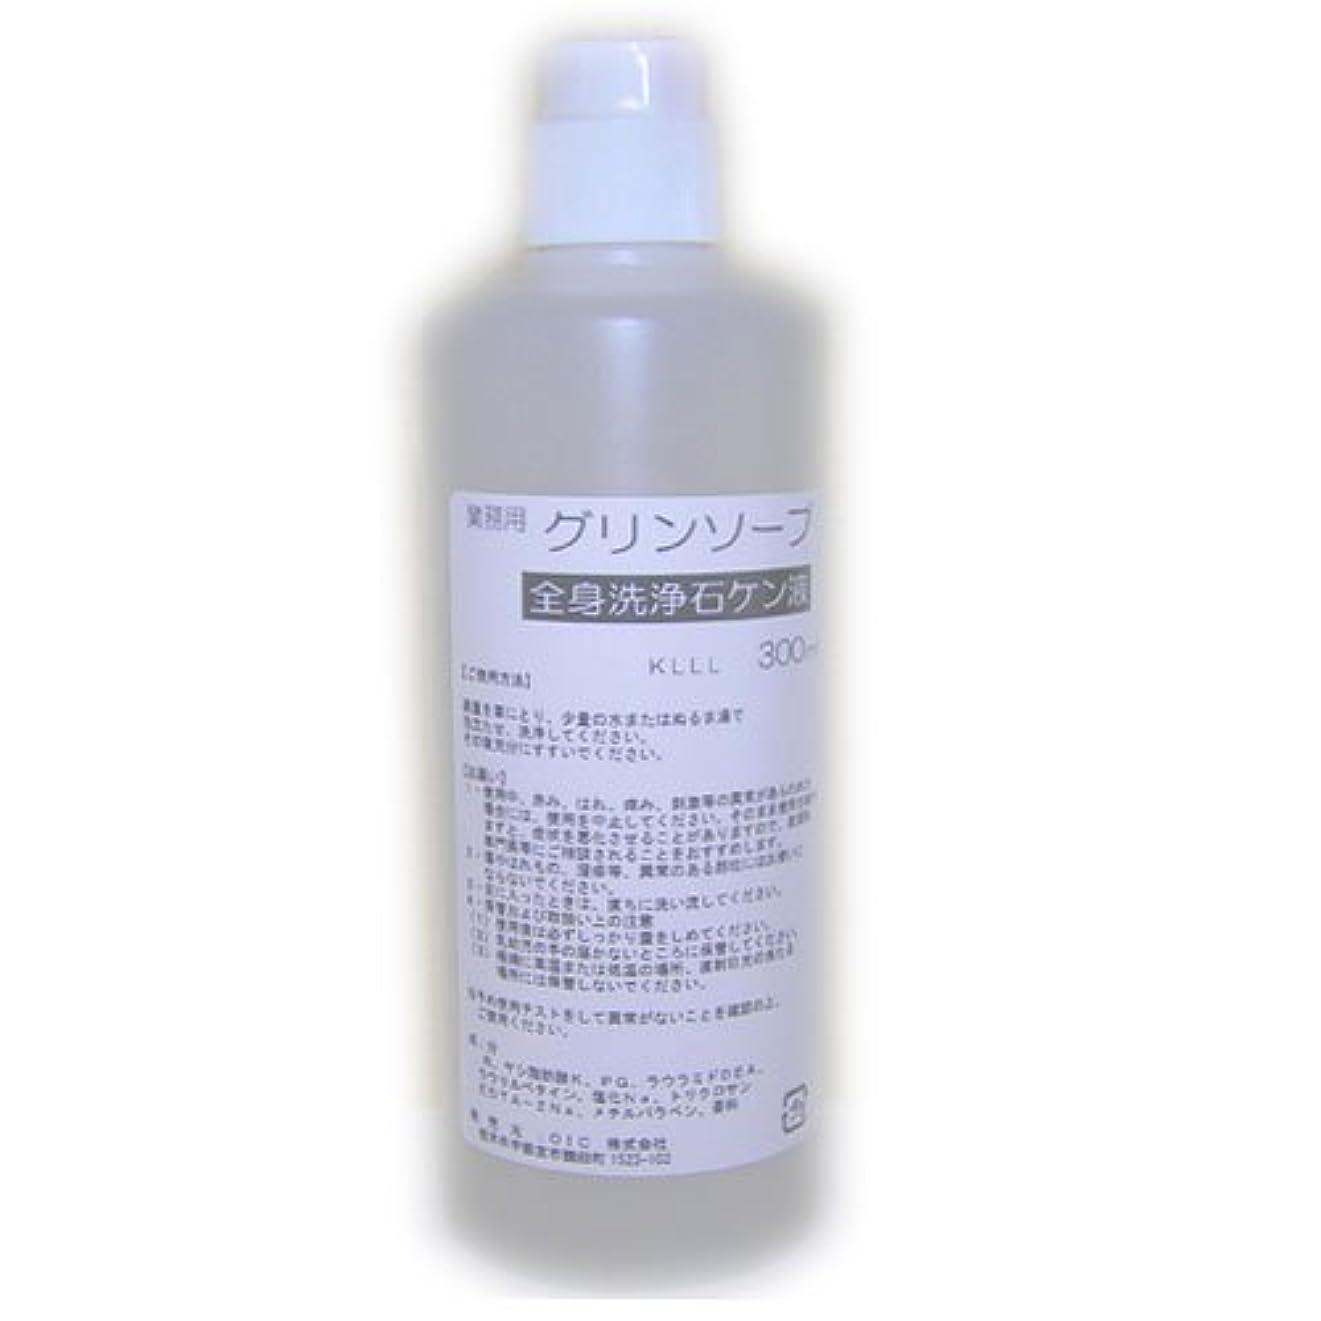 コントローラ振る舞い食用業務用ボディソープ 殺菌成分配合?消毒石鹸液 グリンソープ (300ml)